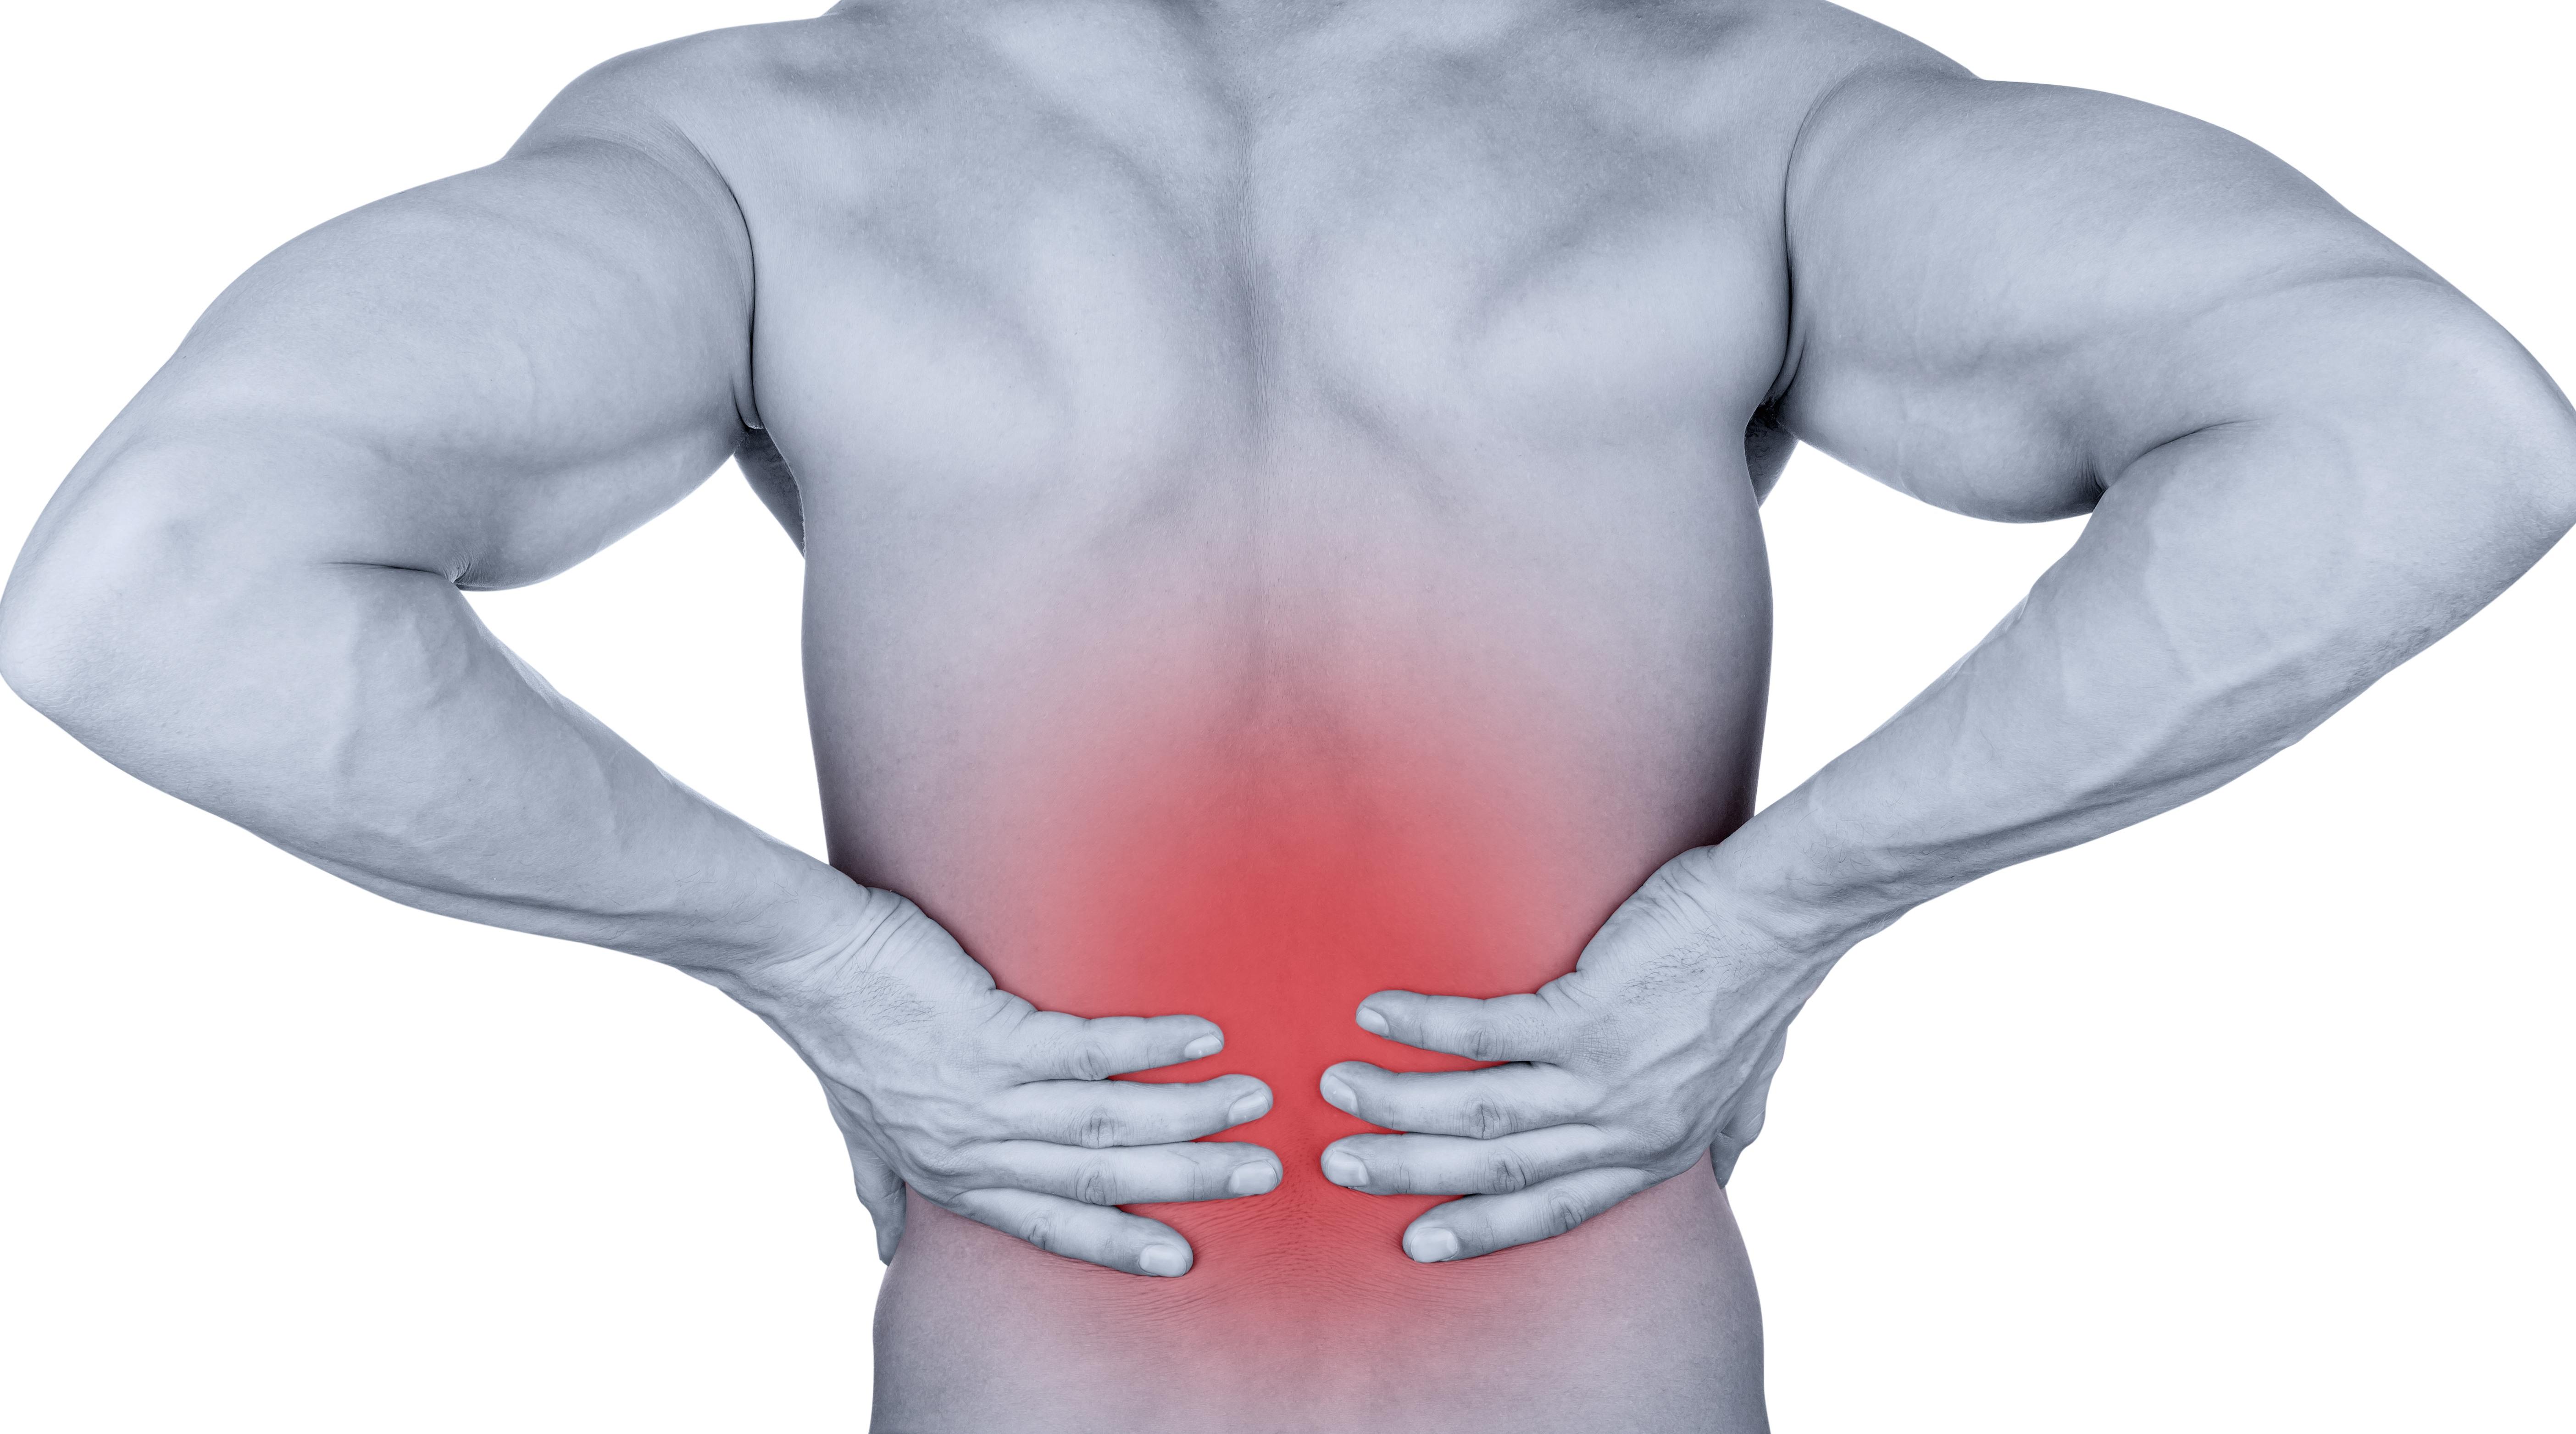 derékfájdalom okai ha a bal vállízület fájdalma van